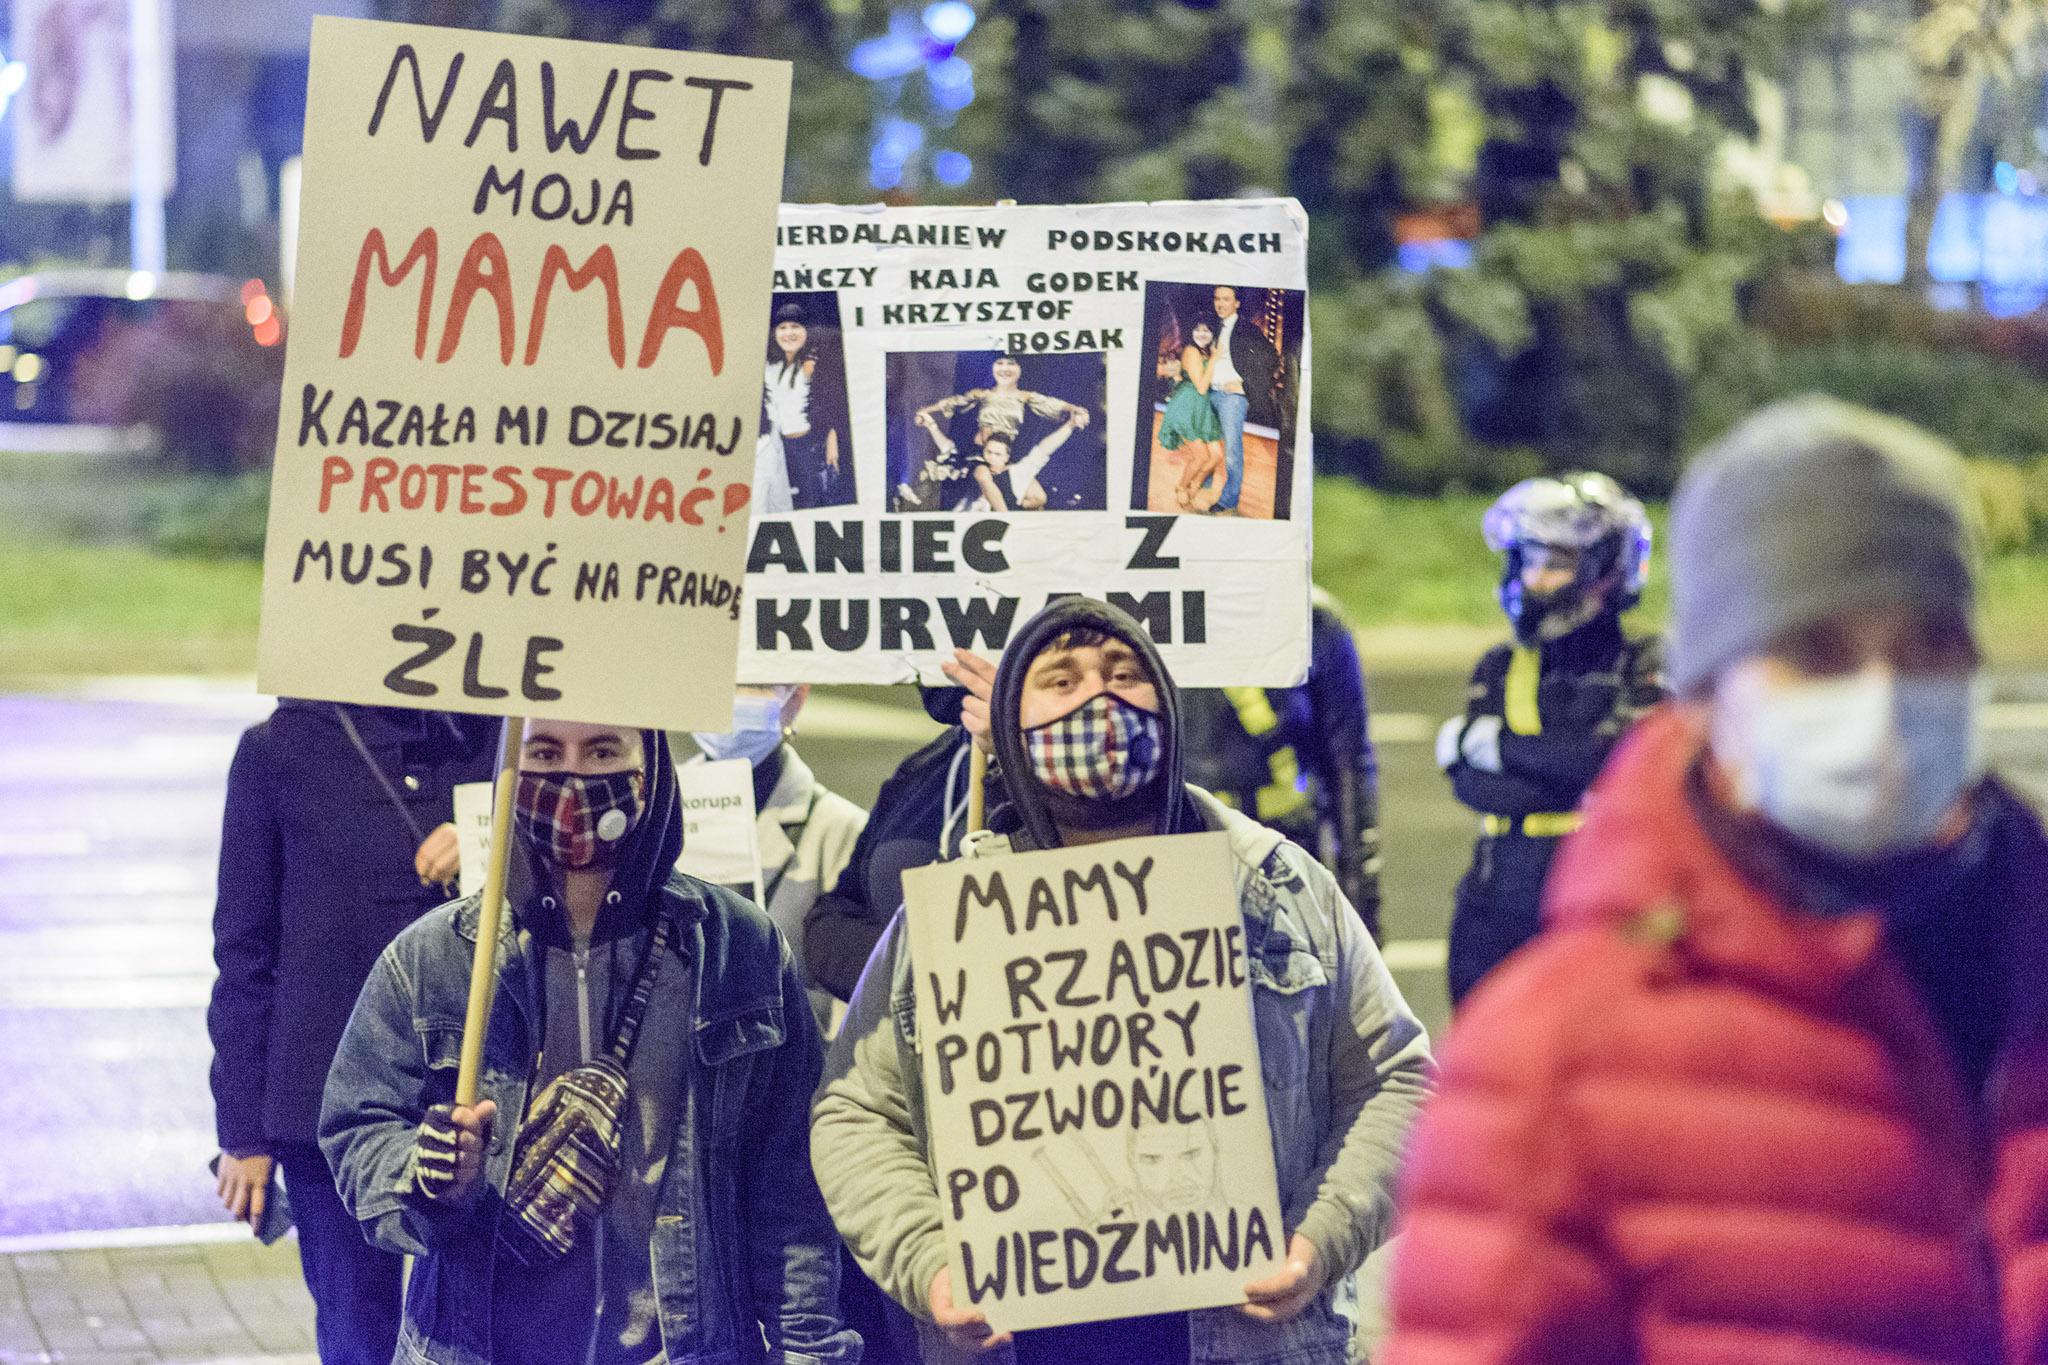 DSC_6692_RZESZOW_NEWS_SEBASTIAN_STANKIEWICZ